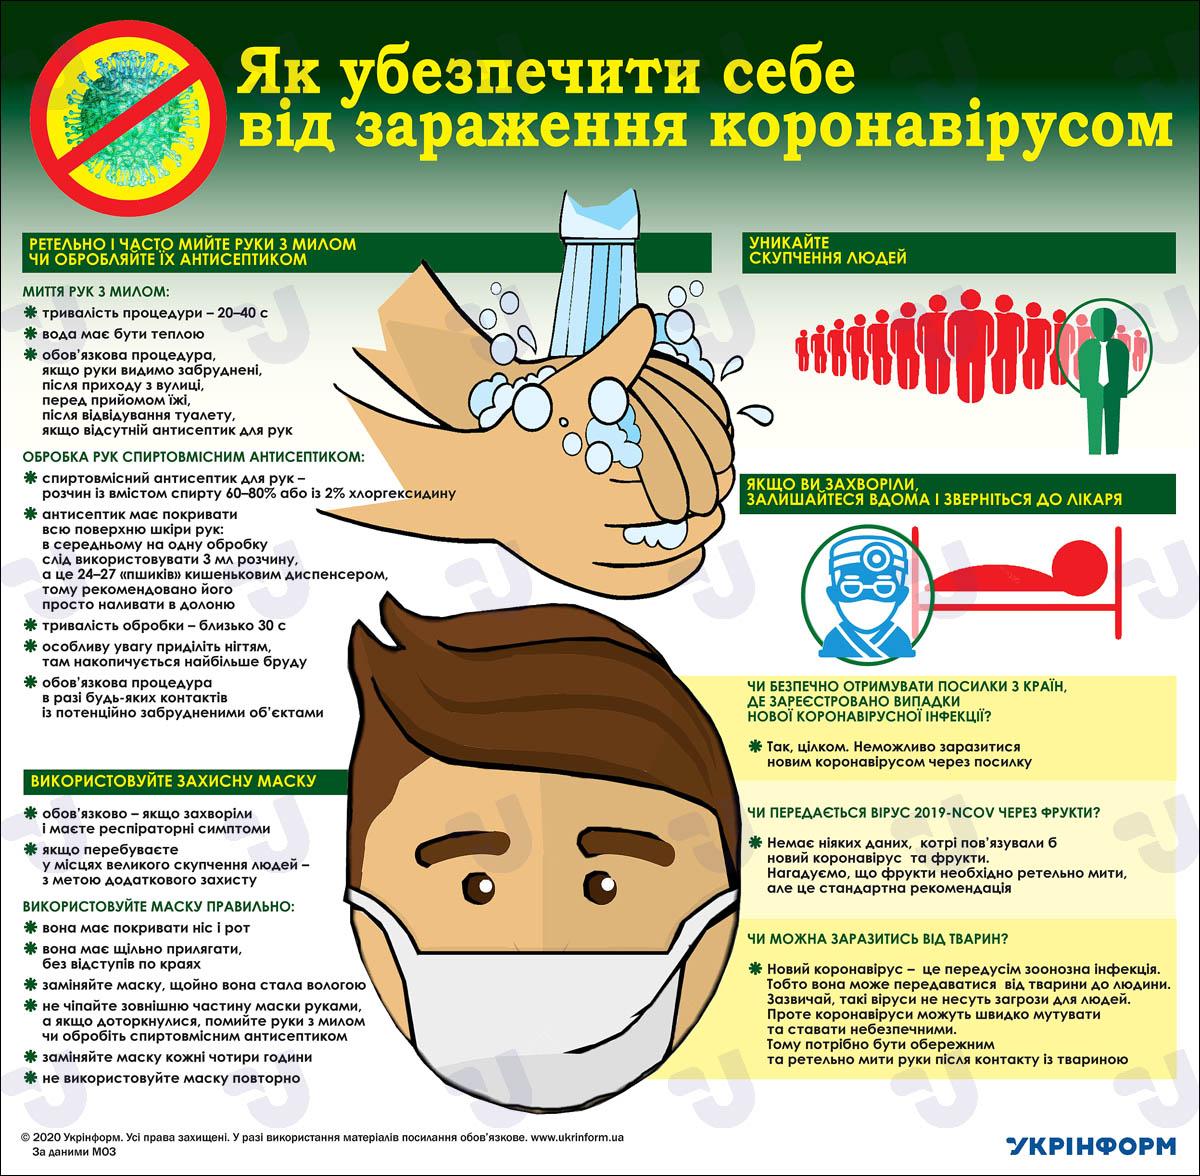 Як убезпечити себе від зараження коронавірусом